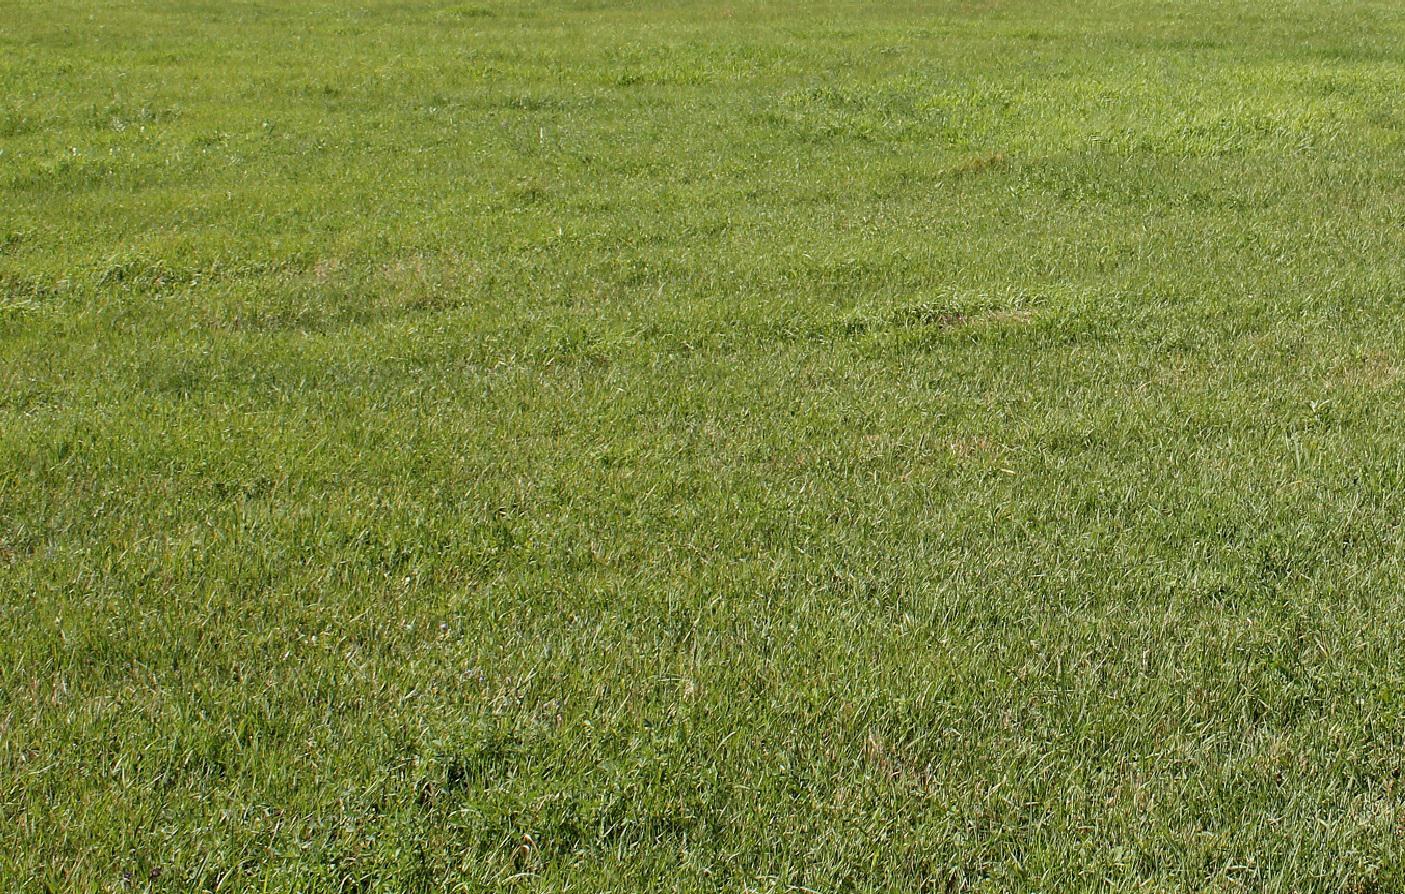 Hay meadows respond well to fertilizer.  Photo courtesy of Troy Walz.